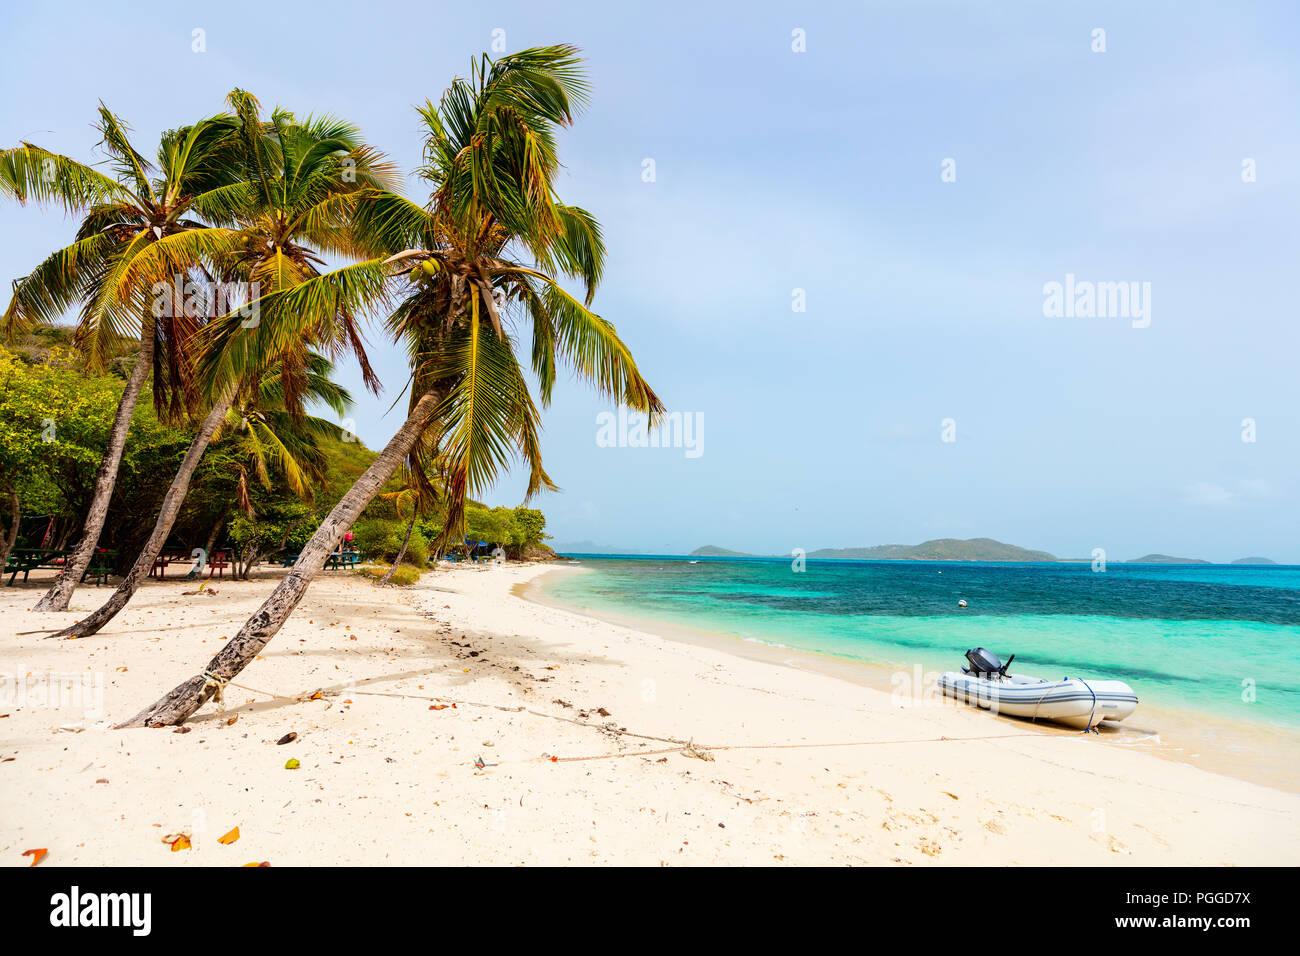 Idyllischen tropischen Strand mit weissem Sand, Palmen und das türkisblaue Karibische Meer Wasser auf der exotischen Insel Tobago Cays, St. Vincent und die Grenadinen Stockbild